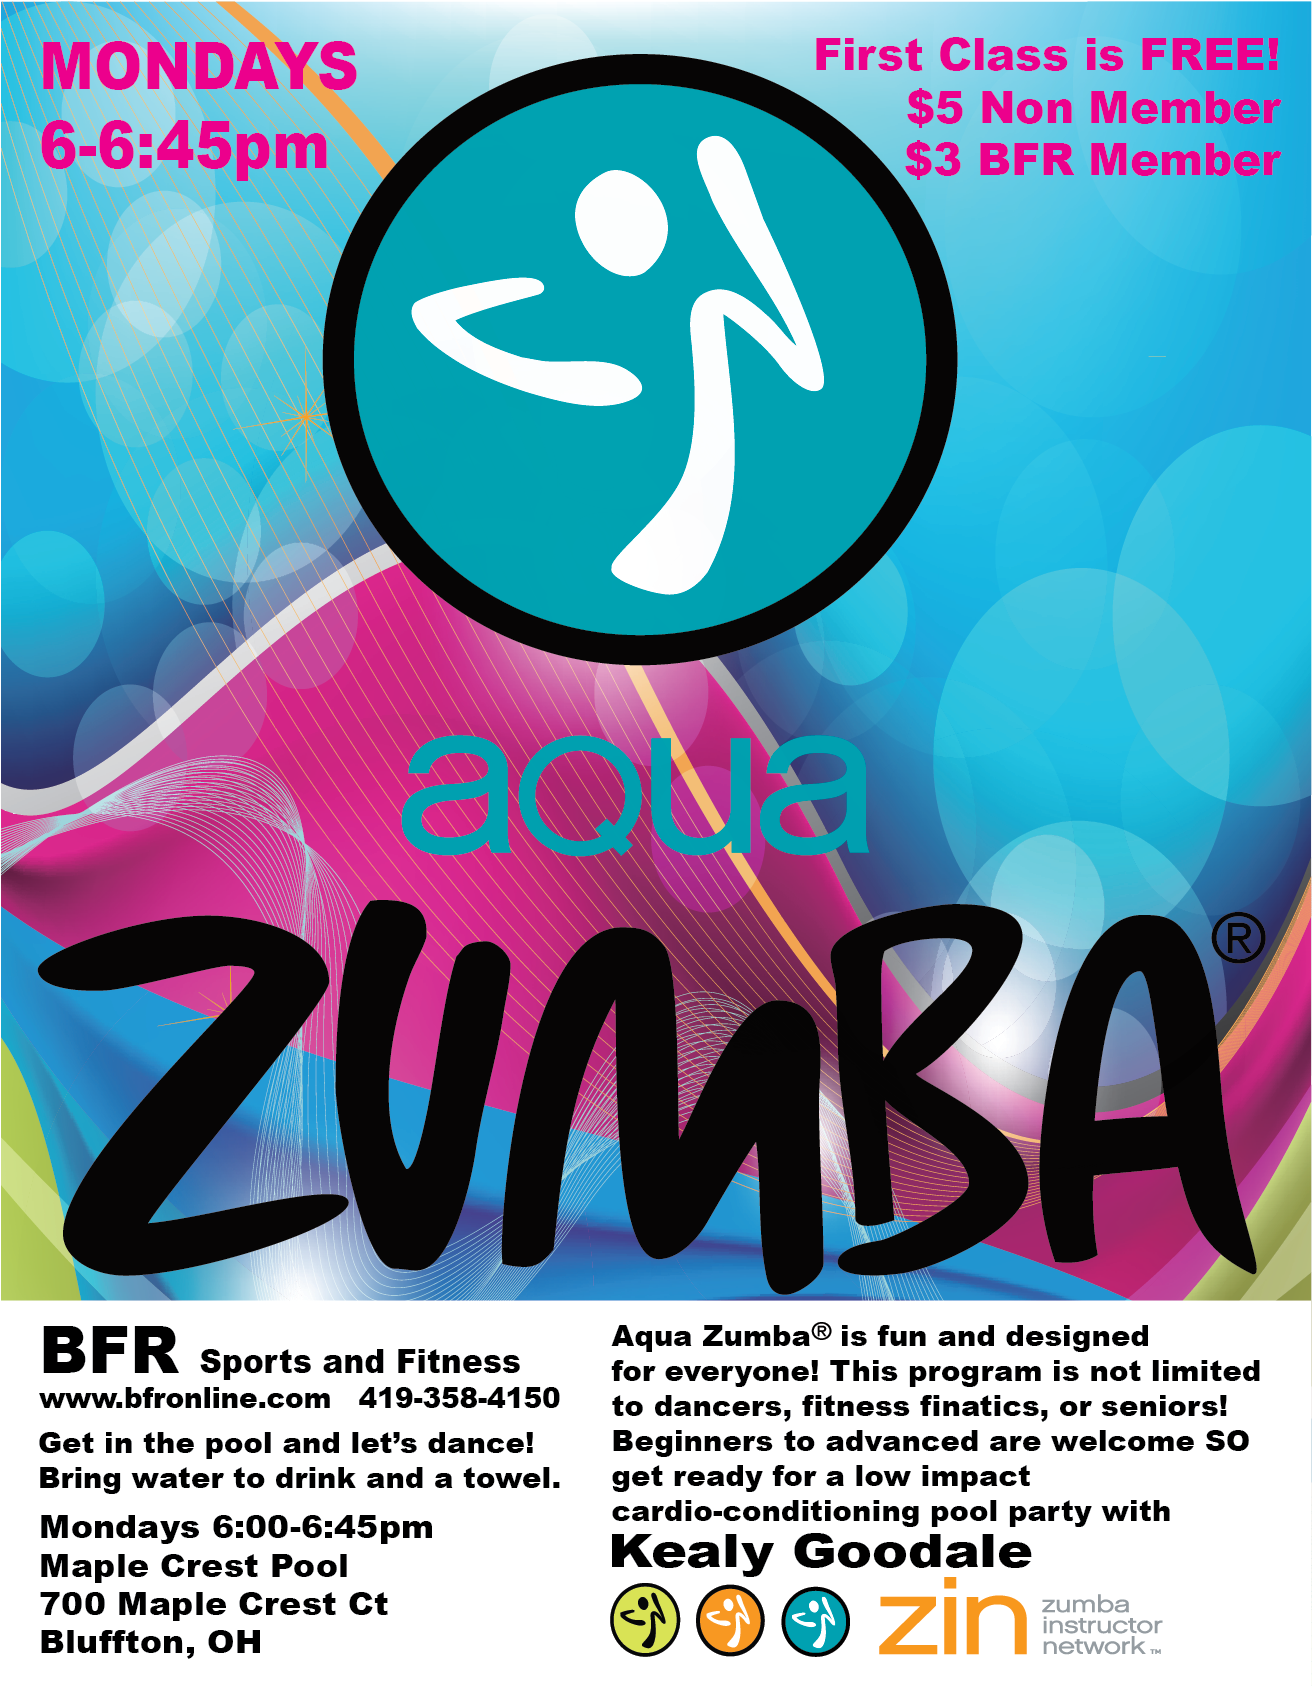 Zumba flyer design zumba flyers - Aqua Zumba Flyer Zumba With Kealy